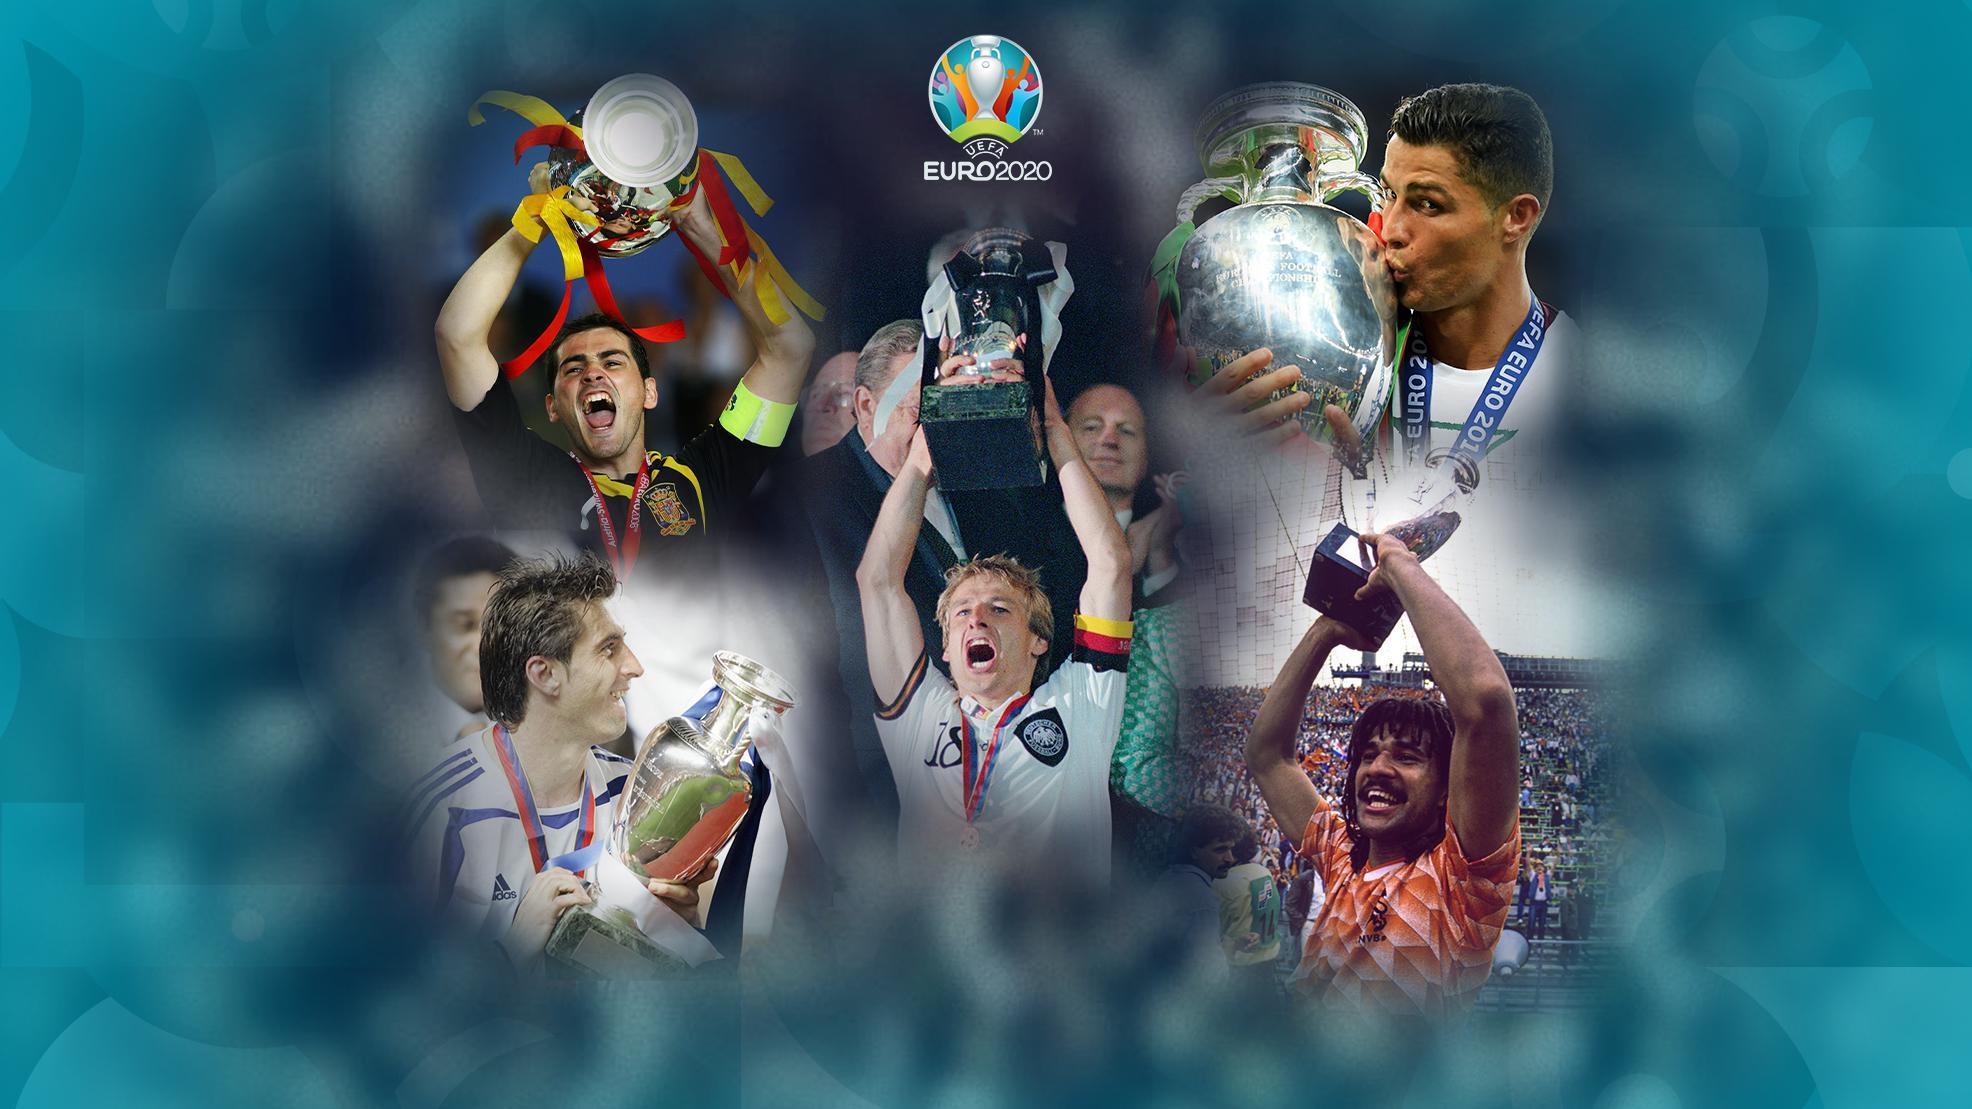 seizième édition du Championnat d'Europe de Football Euro 2020-2021 , une édition entièrement inédite